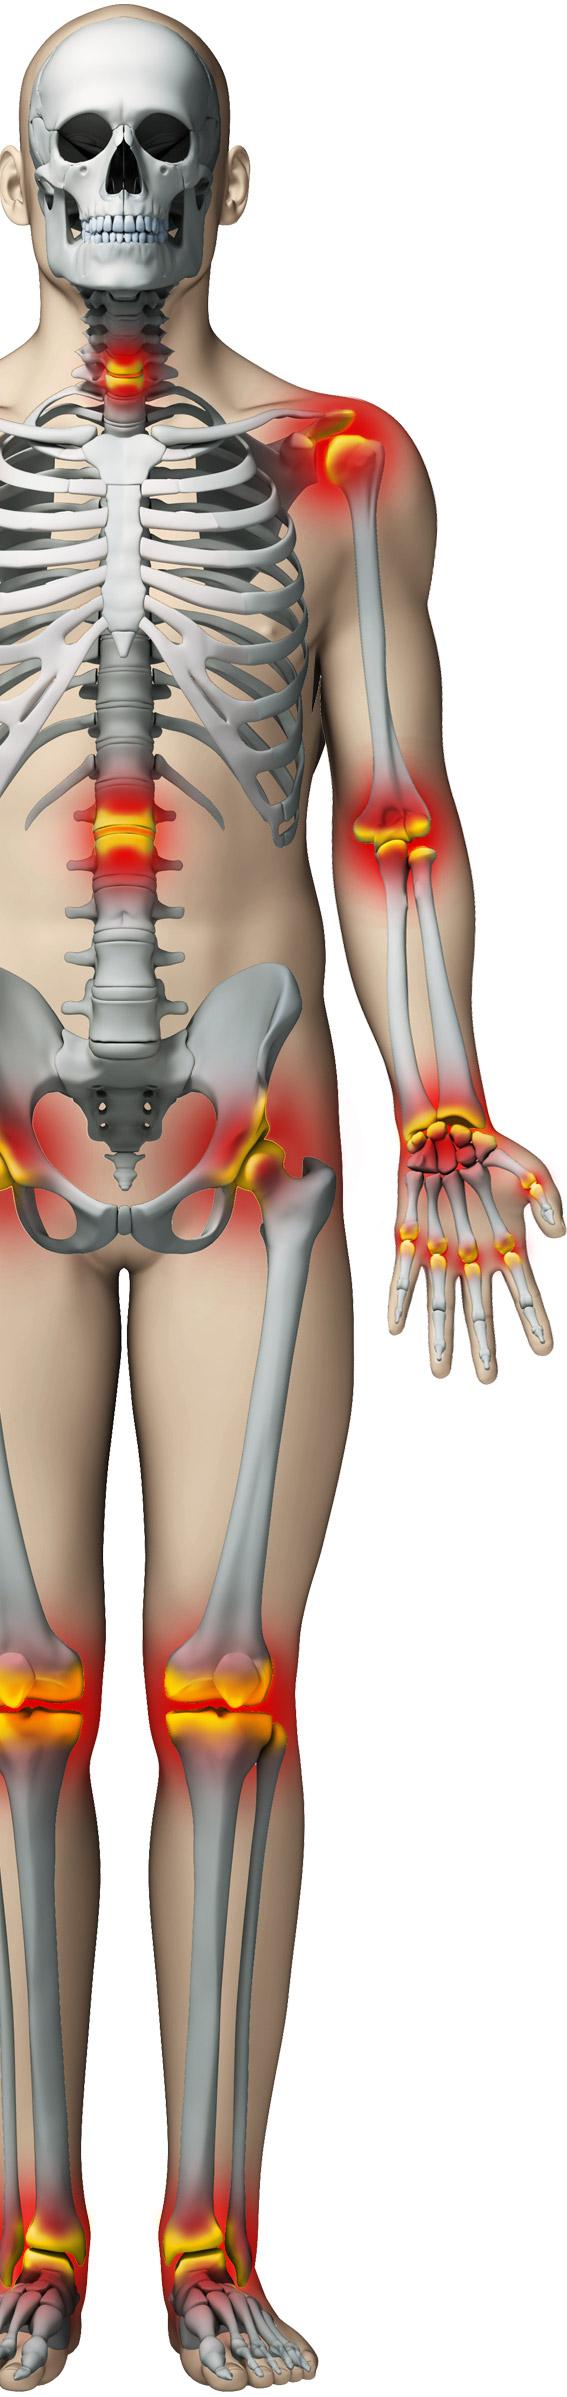 produse provocatoare de dureri articulare